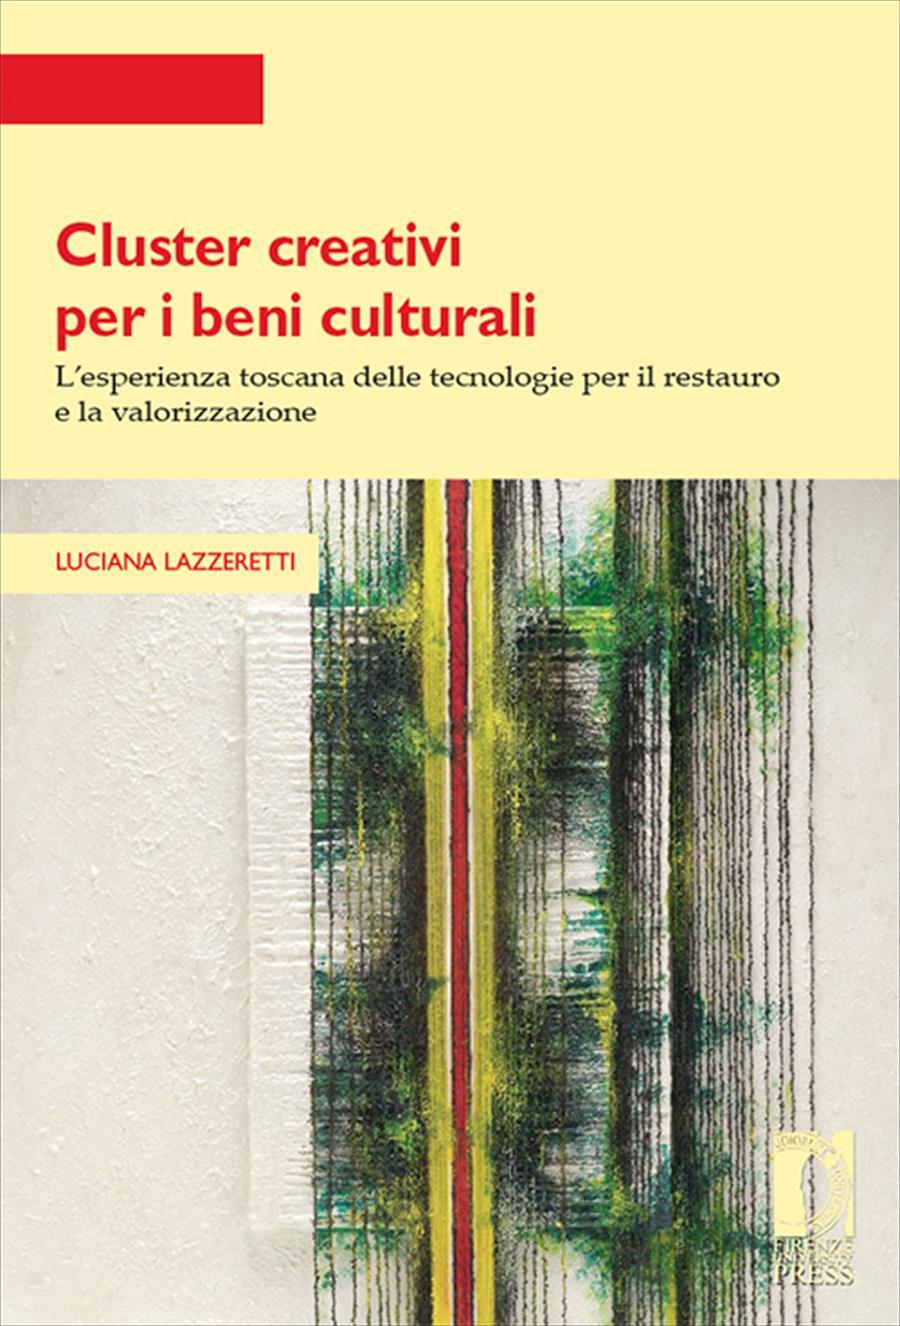 Cluster creativi per i beni culturali